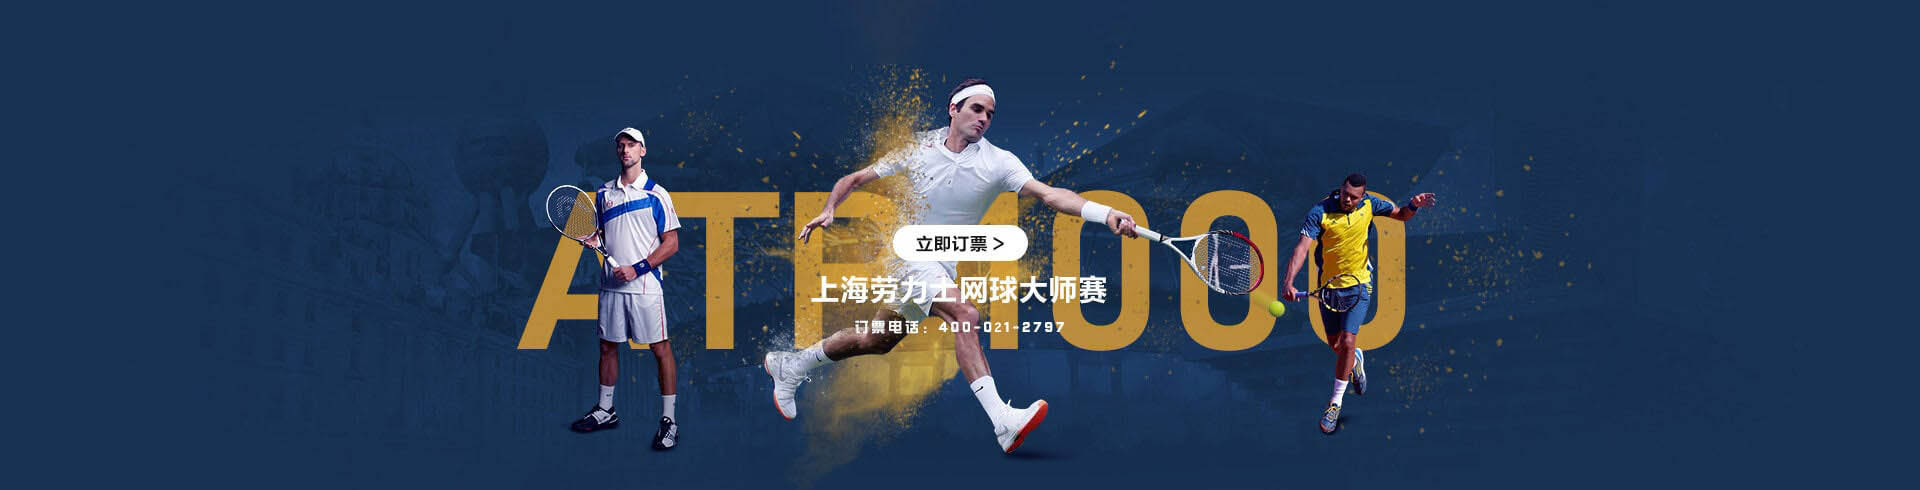 上海ATP000劳力士网球大师赛官方订票